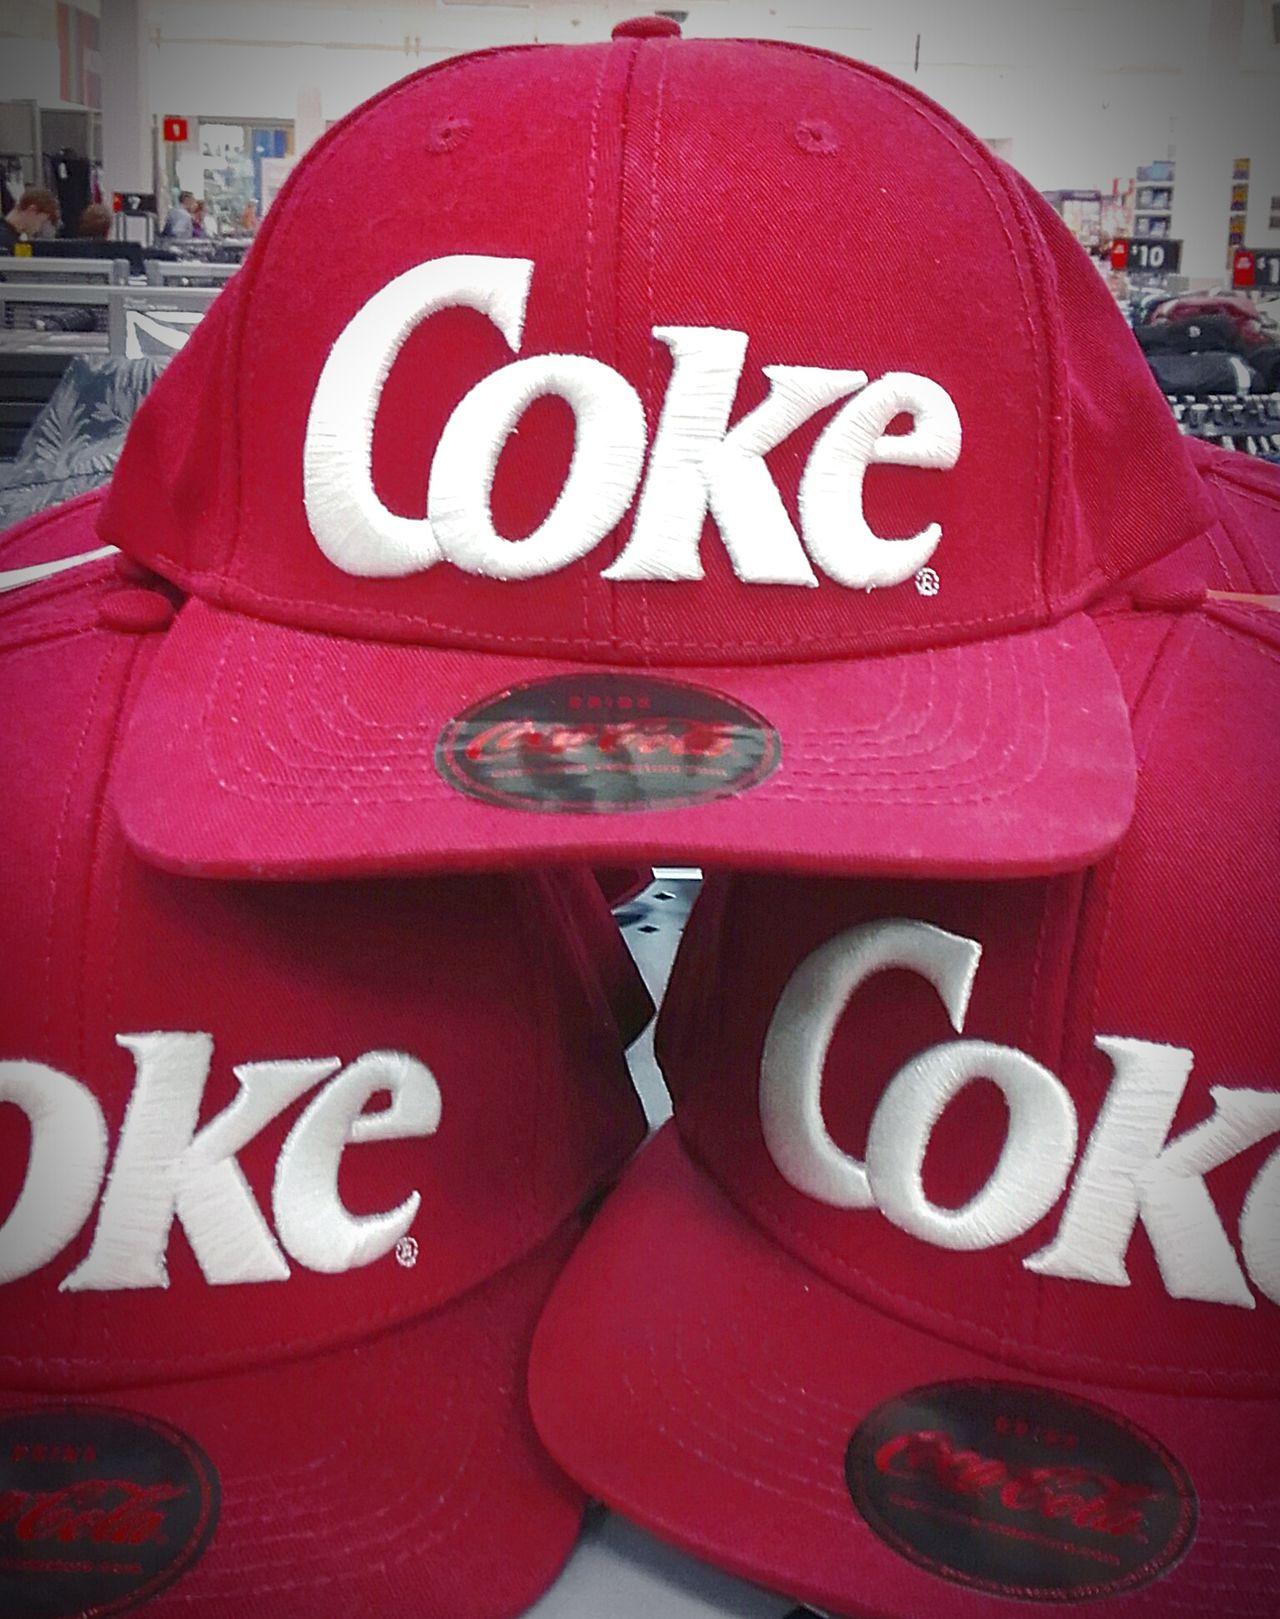 Coke Coke :) Coca~Cola ® Coke Collection Coke Design Drink Coke Coca Cola Cocacola Coca-Cola ❤ Coca-cola Coca Cola *-* Coca Cola ✌ Coca Cola Coca~cola Coca-Cola, Label/logo/sign Cocacola ✌️ Coca Cola ❤️ Coke Style Ball Caps Baseball Cap Baseballcap Baseballcaps Ballcap Ballcaps Baseball Caps